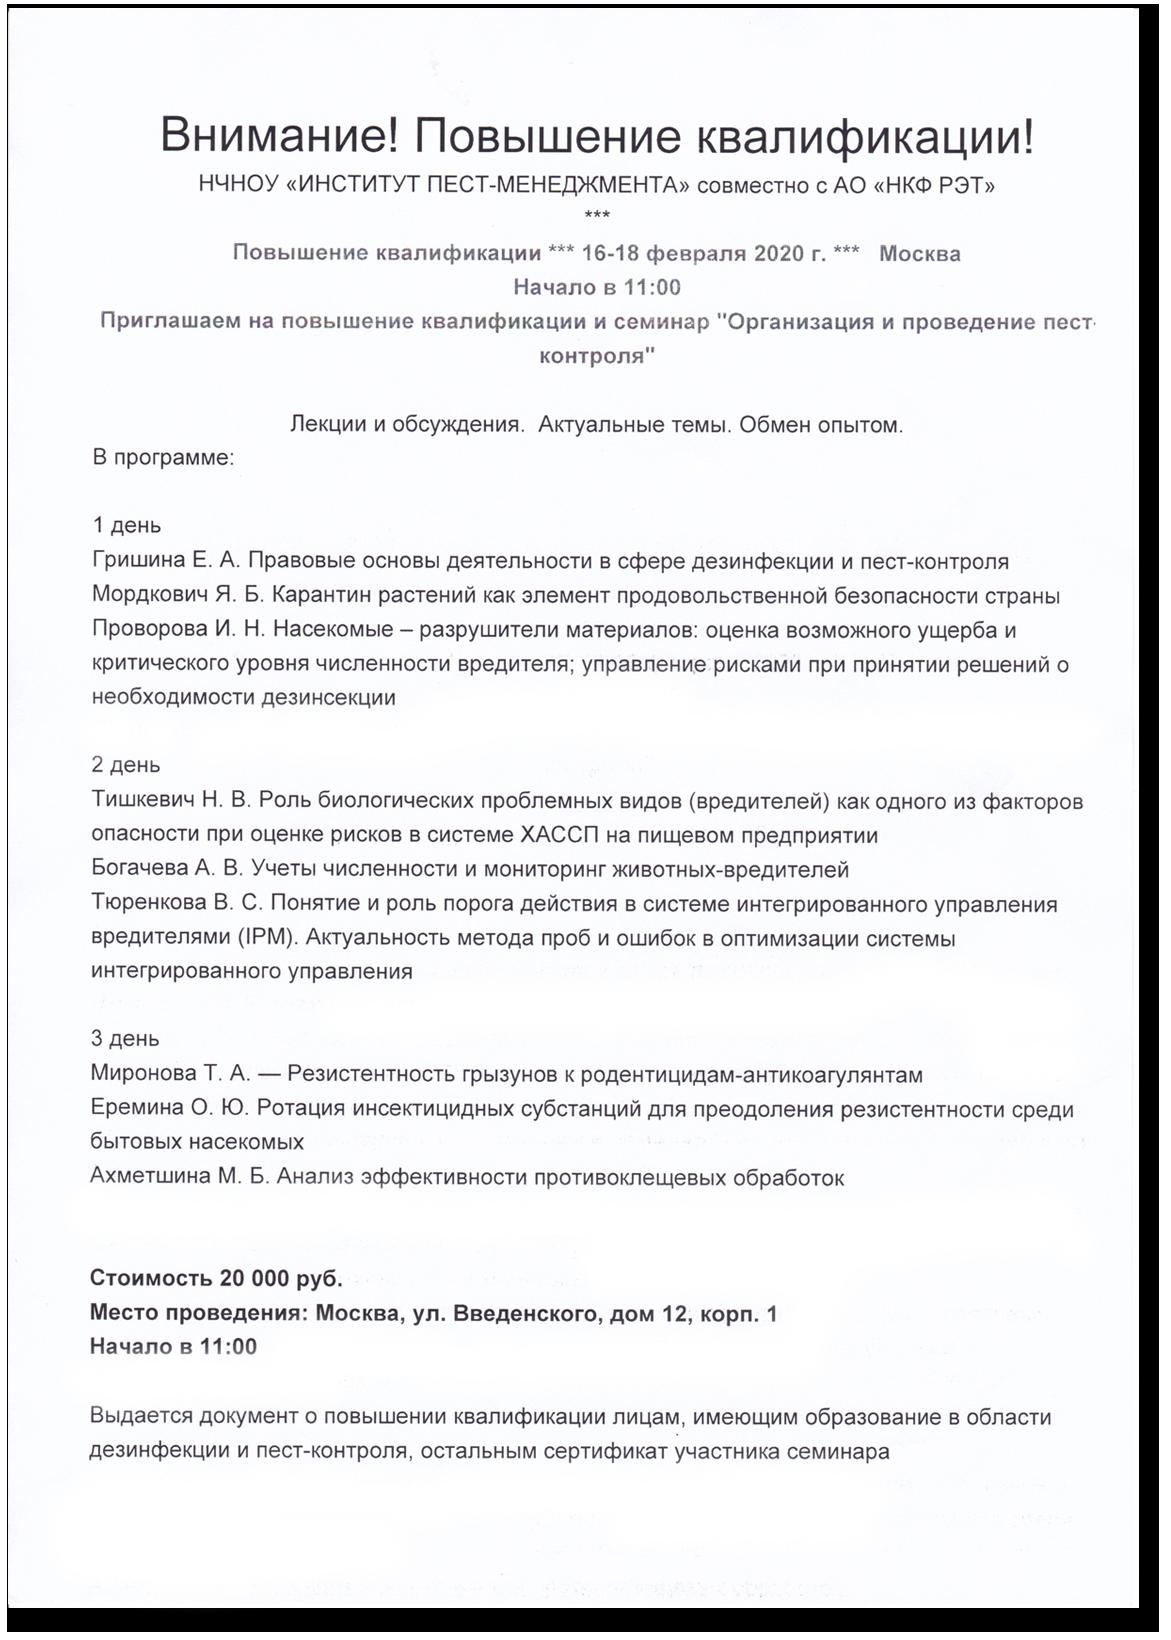 new_lekciya.png (1.76 MB)